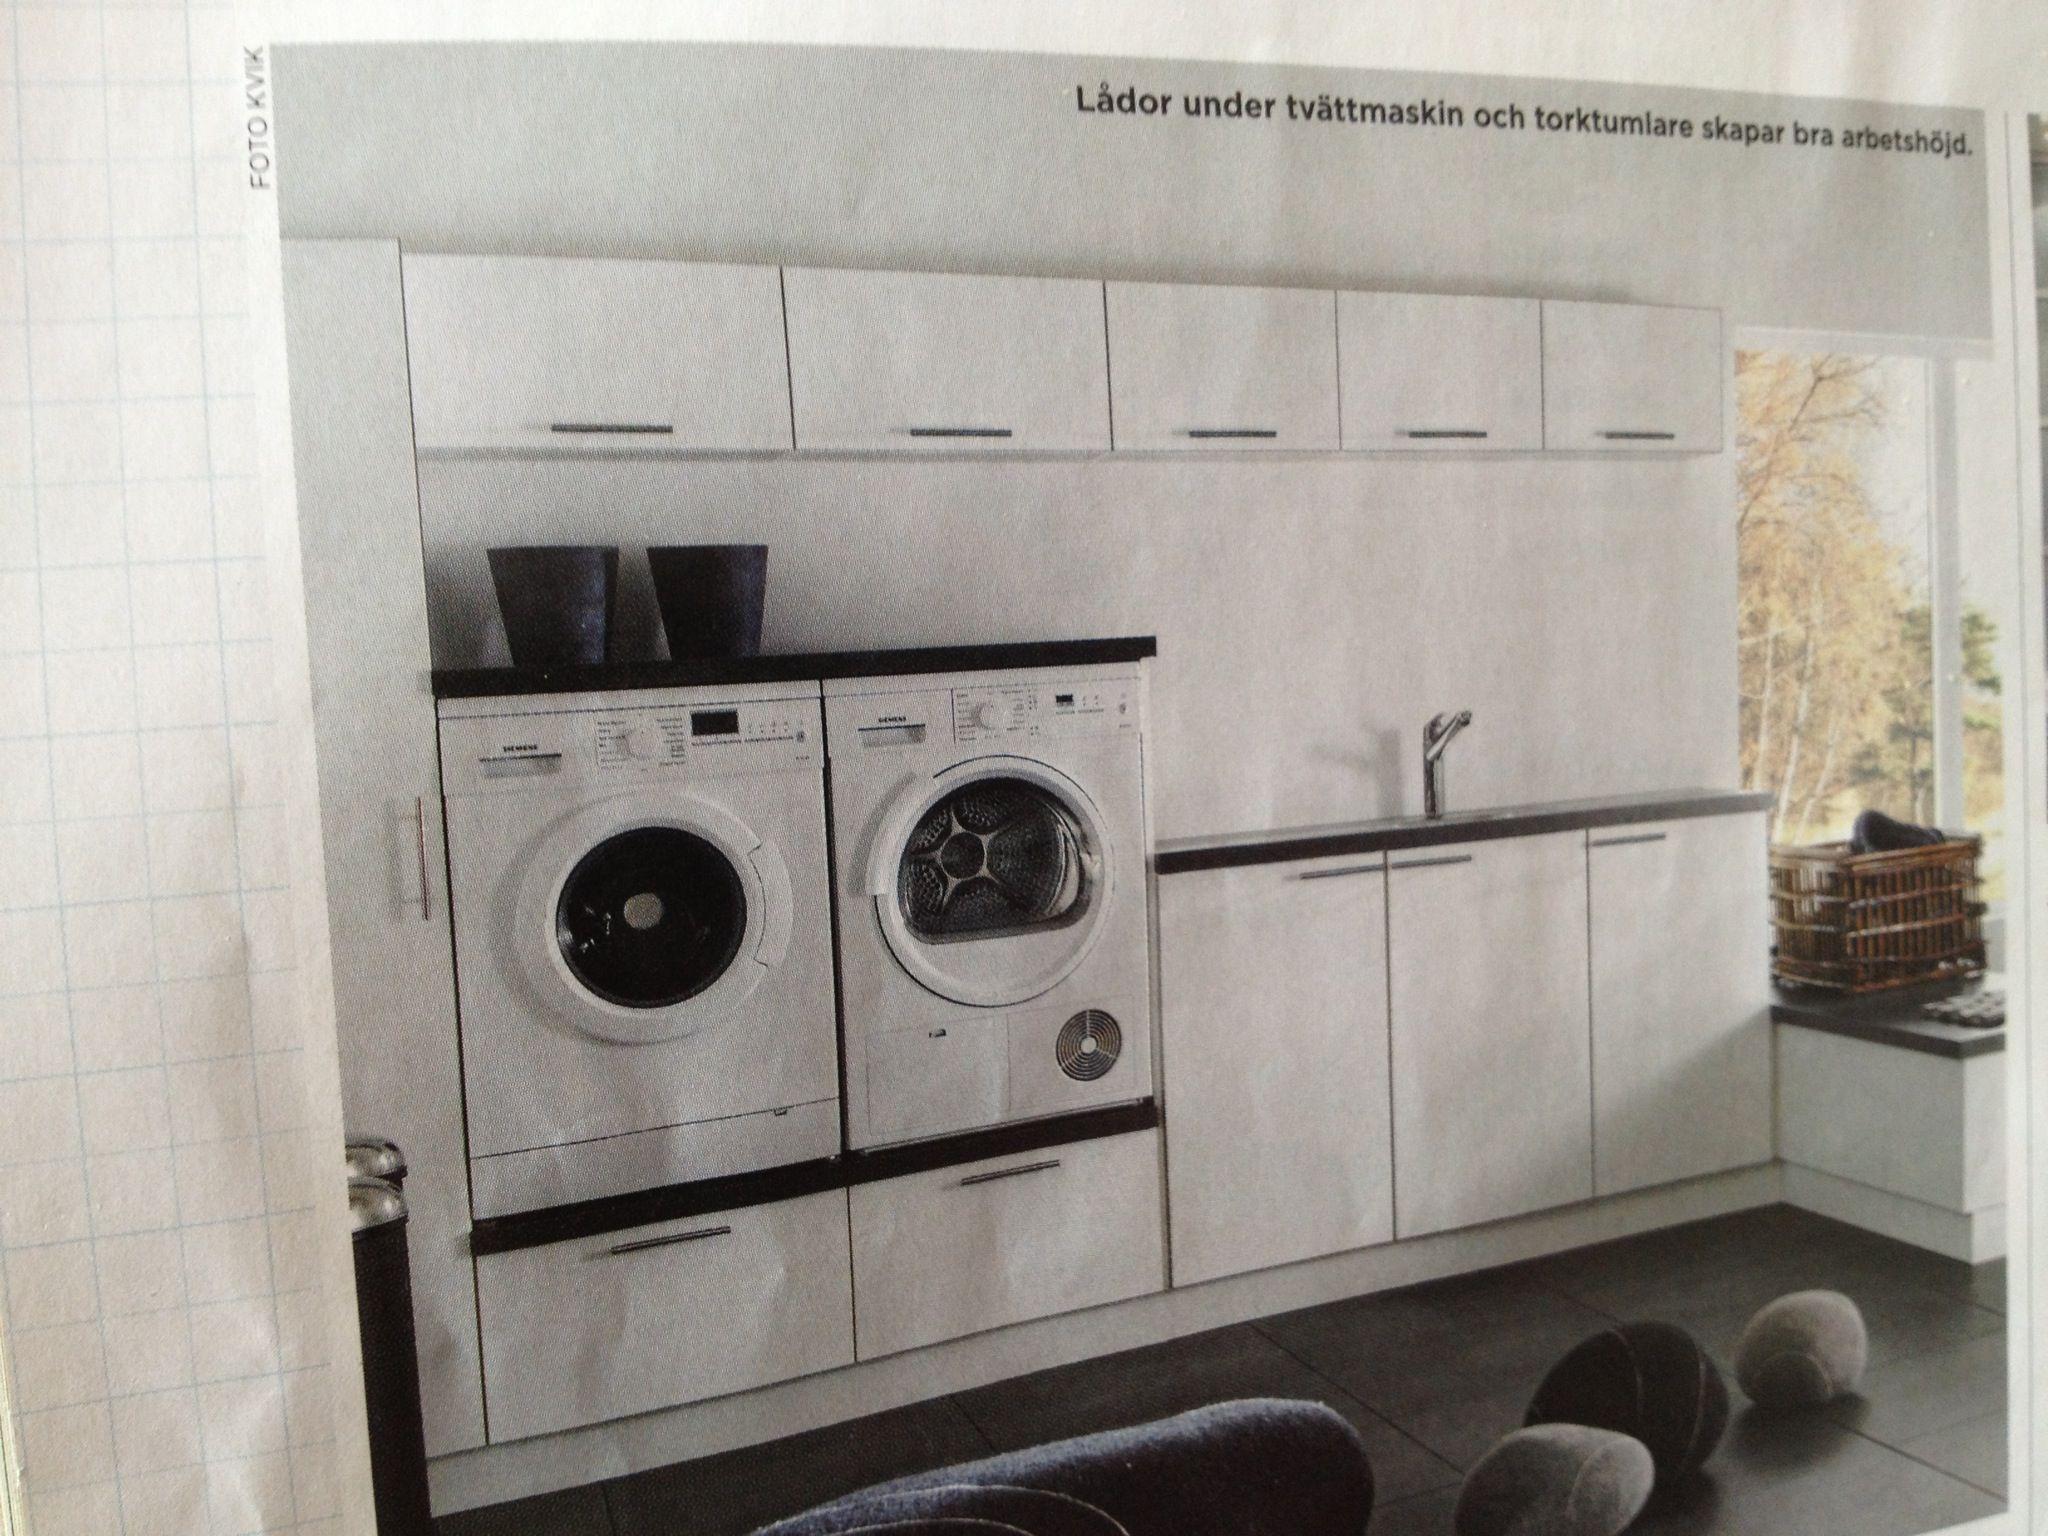 Prima Tvättmaskin i rätt höjd, smart. Överskåp för förvaring.   Sweden WK-26